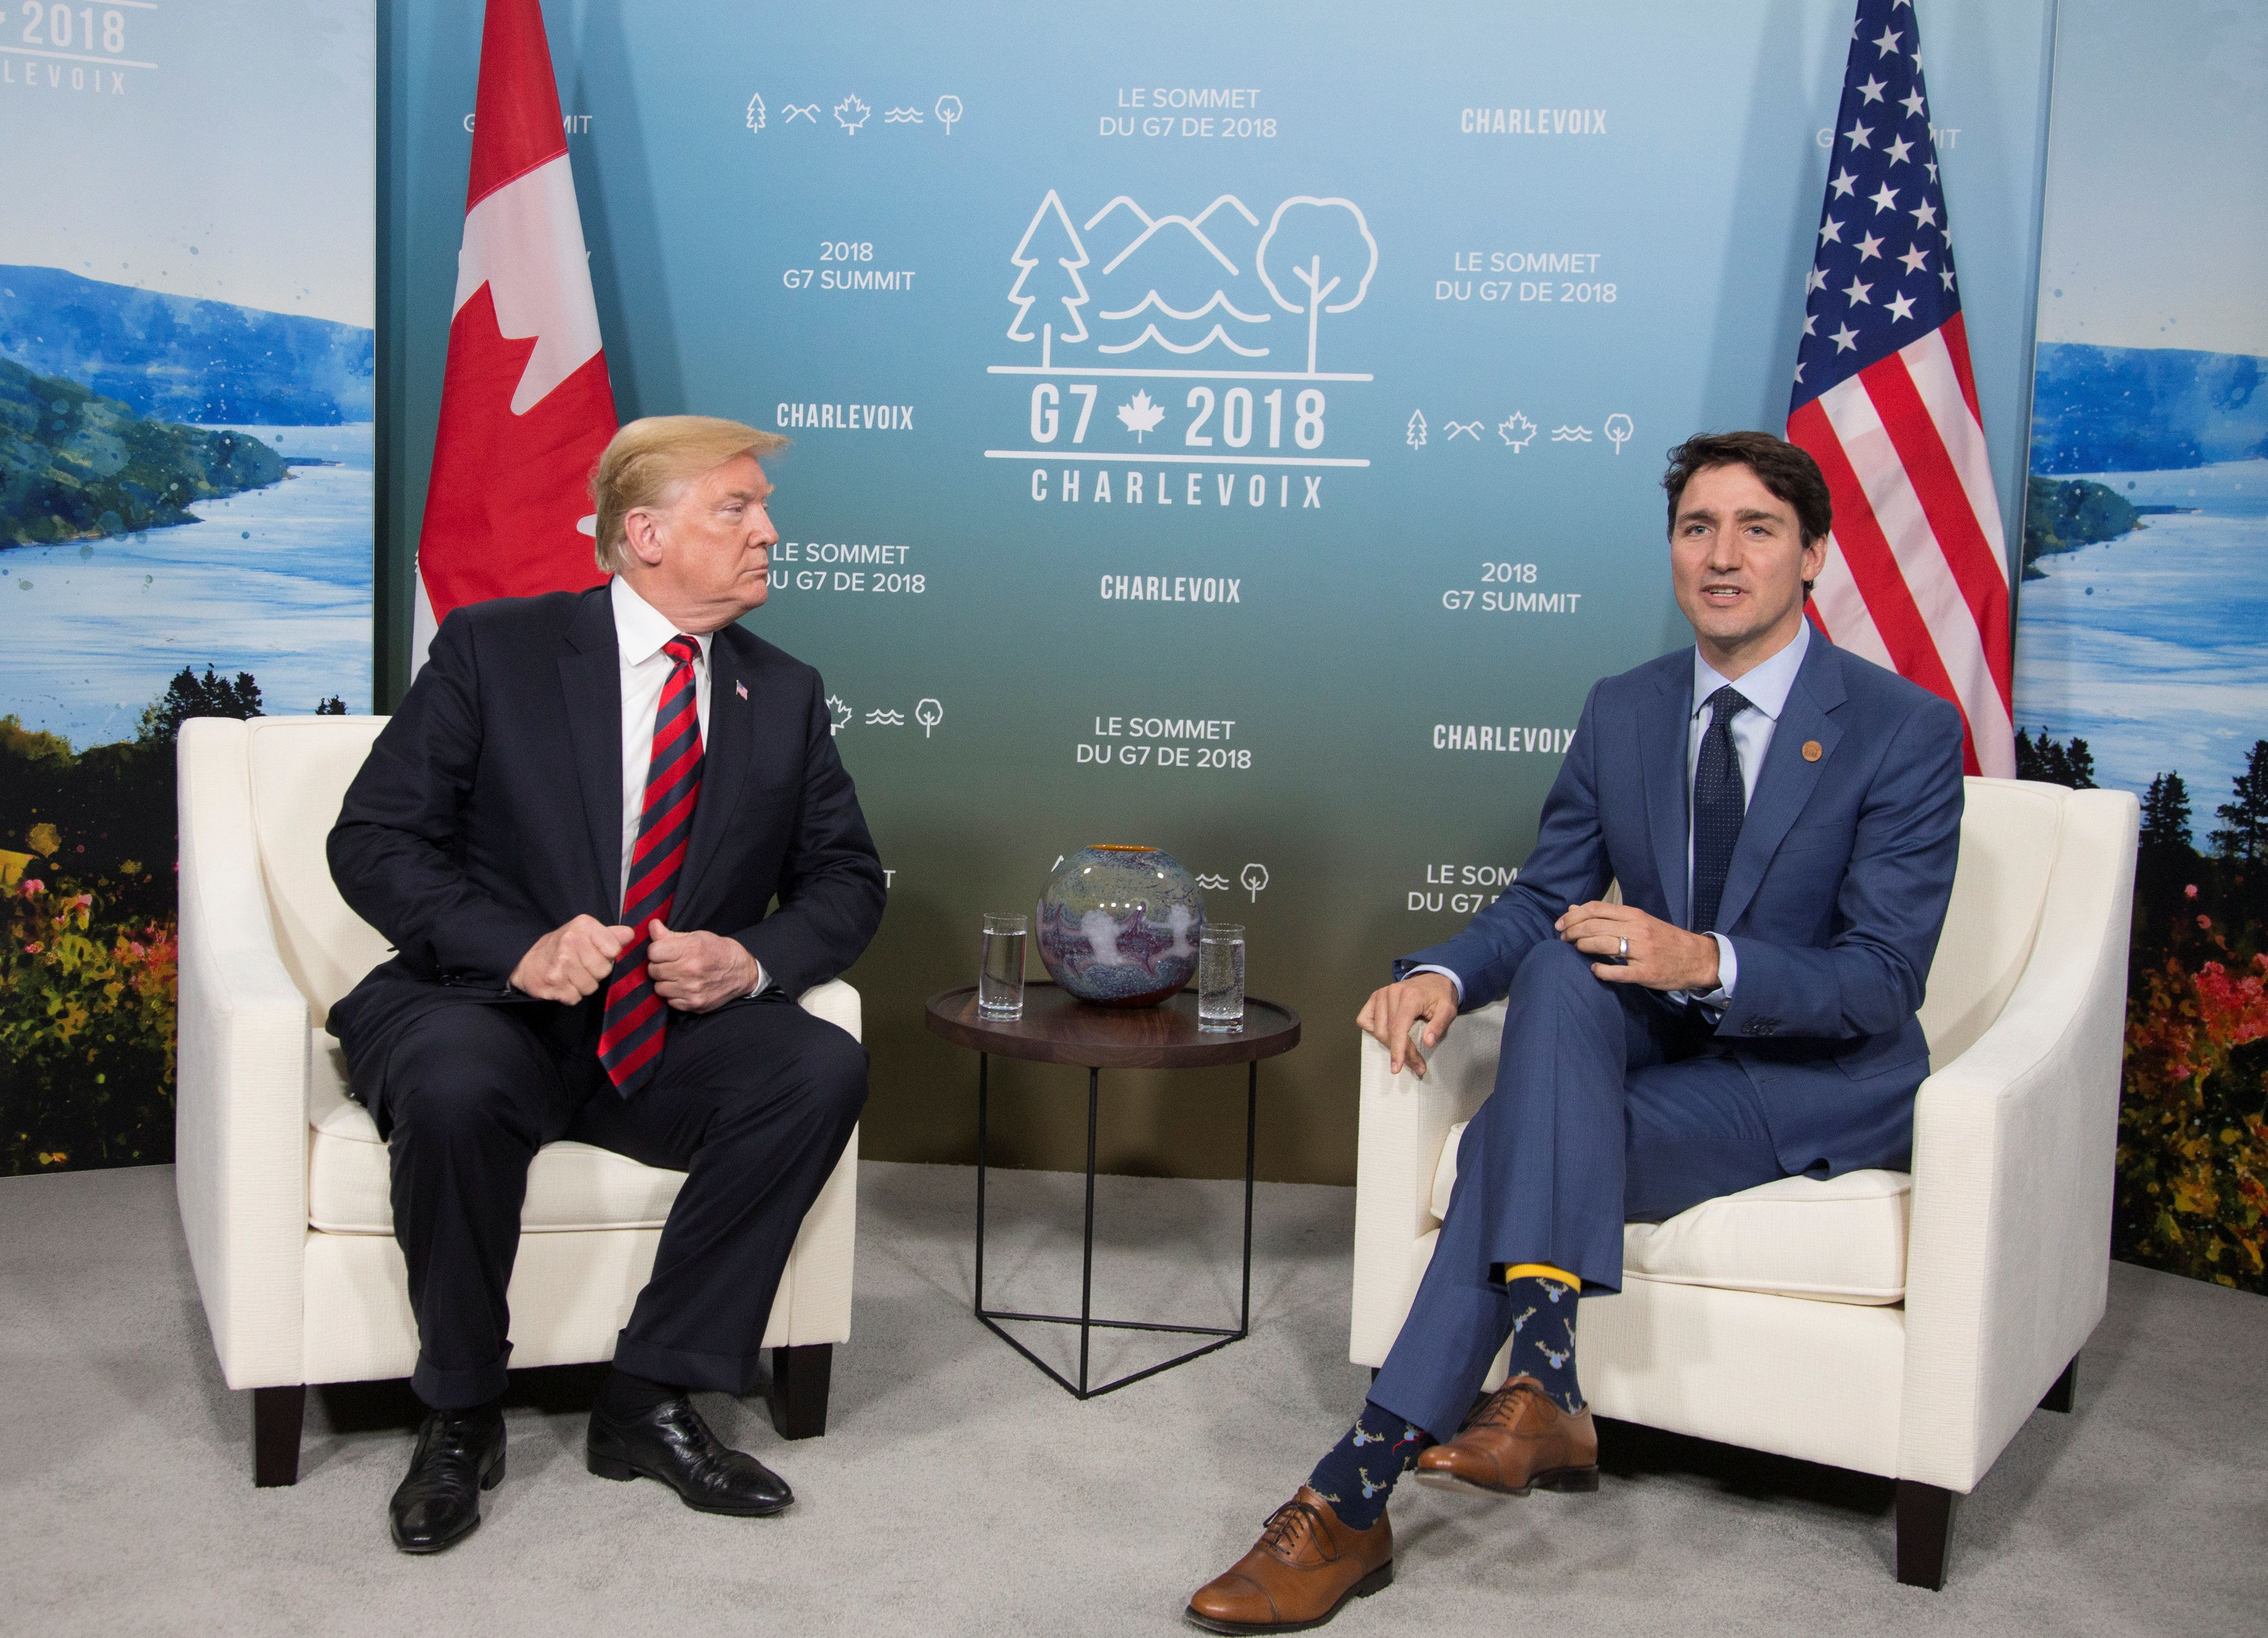 Ο Τραμπ «τορπίλισε» την προσπάθεια της G7 να επιδείξει κοινό